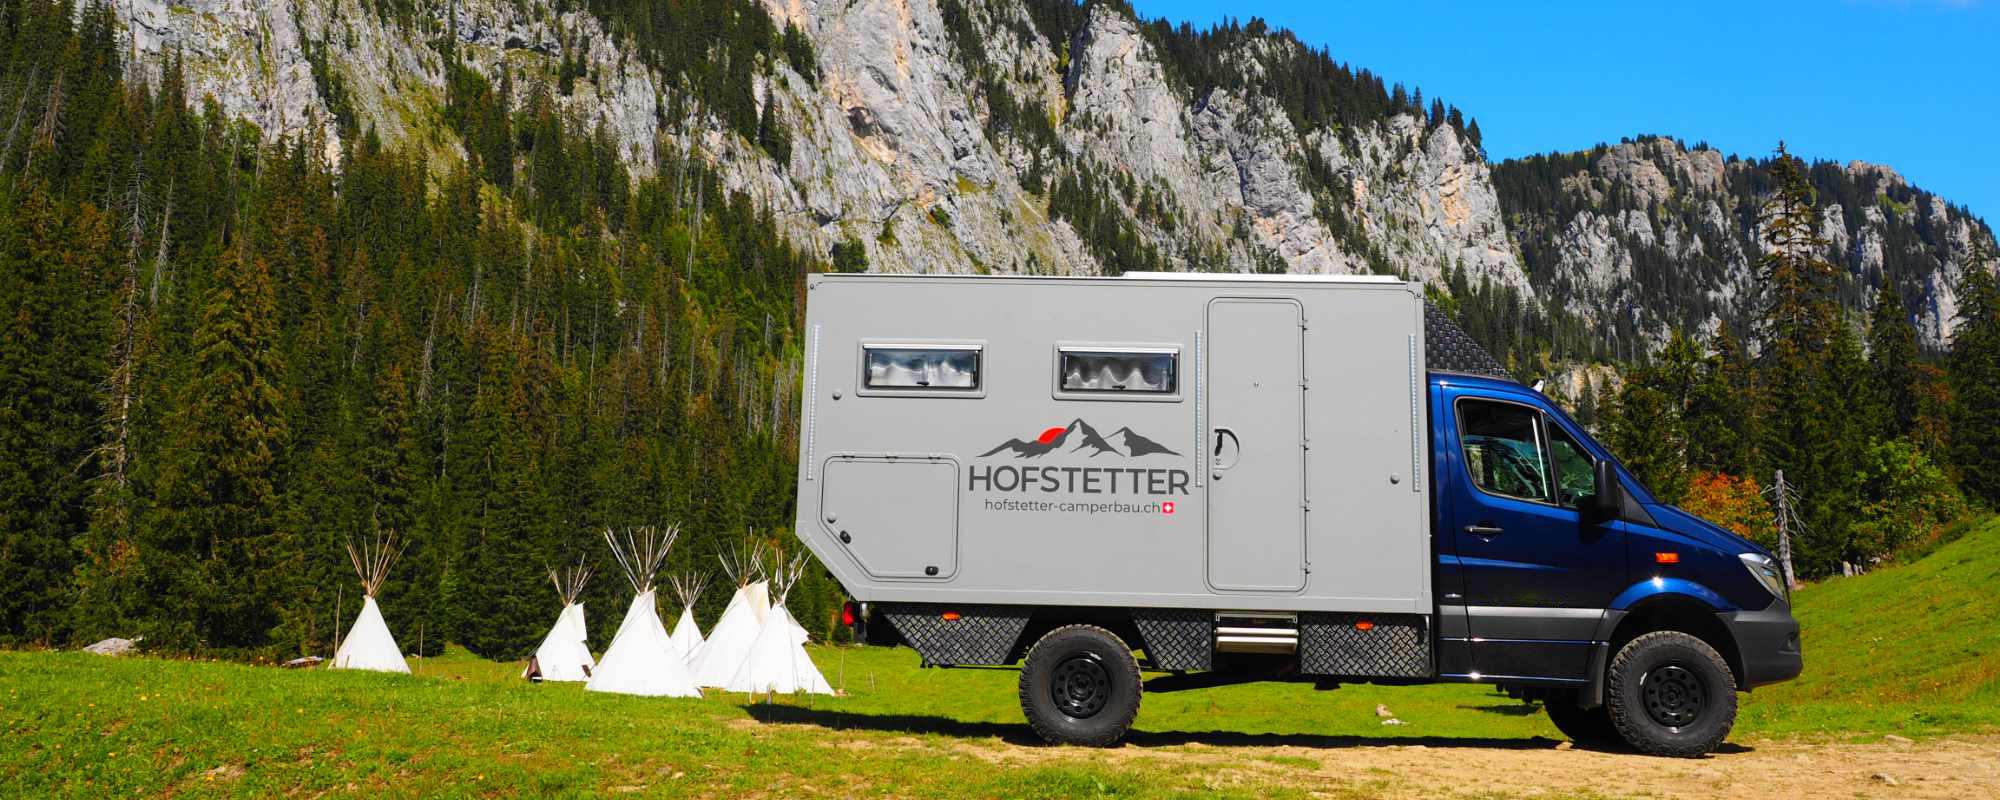 Hofstetter Camper Tipi Zelt